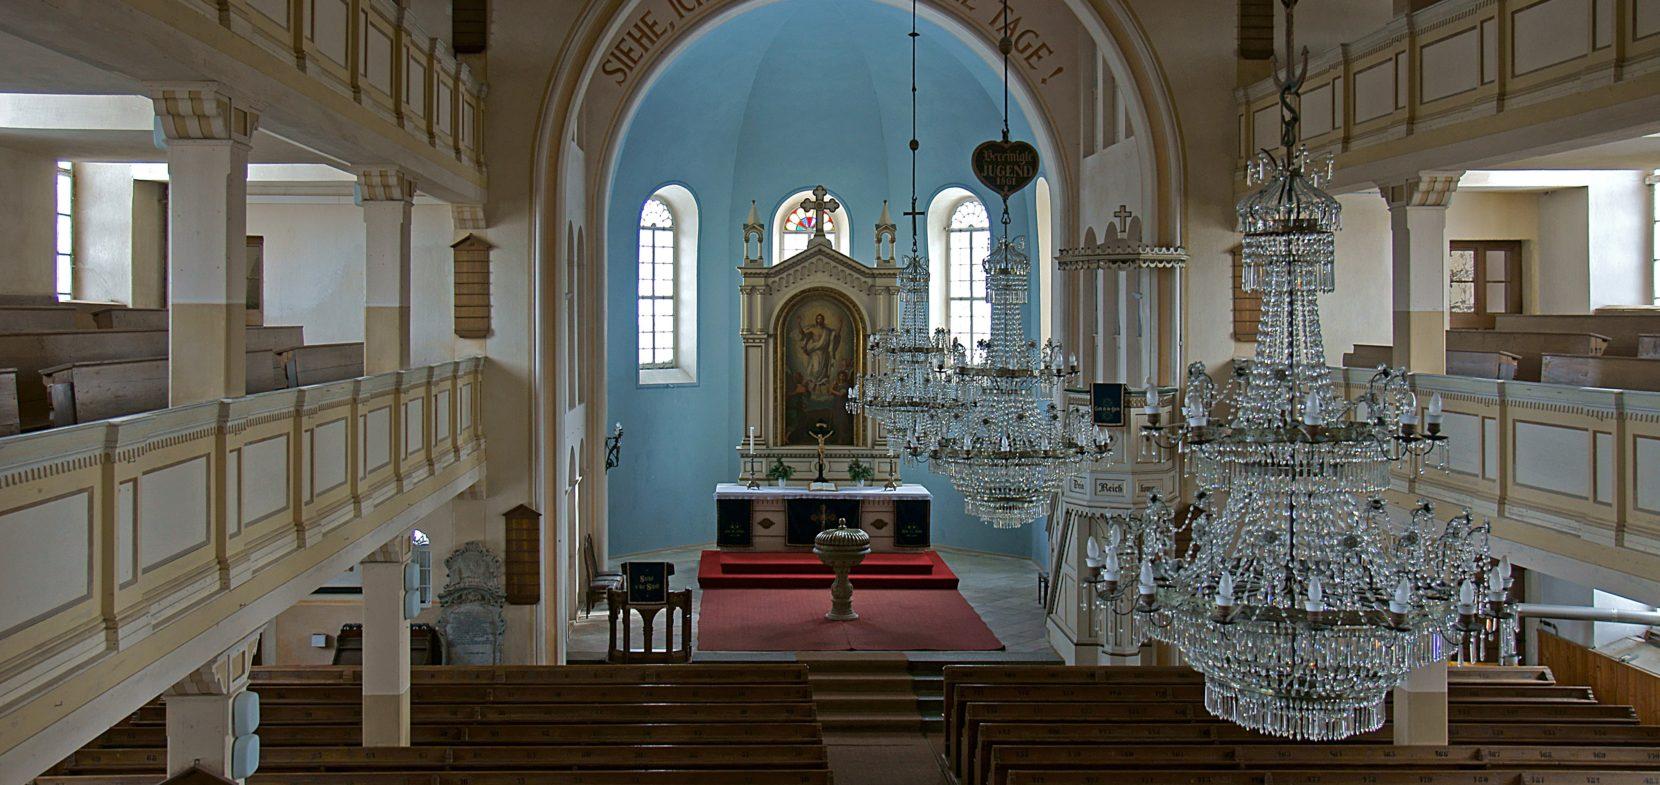 Ev.-Luth. Kirchgemeinde Steinigtwolmsdorf (Schwesterkirchverhältnis Neukirch/L. mit SK Steinigtwolmsdorf, Sohland, Wehrsdorf)